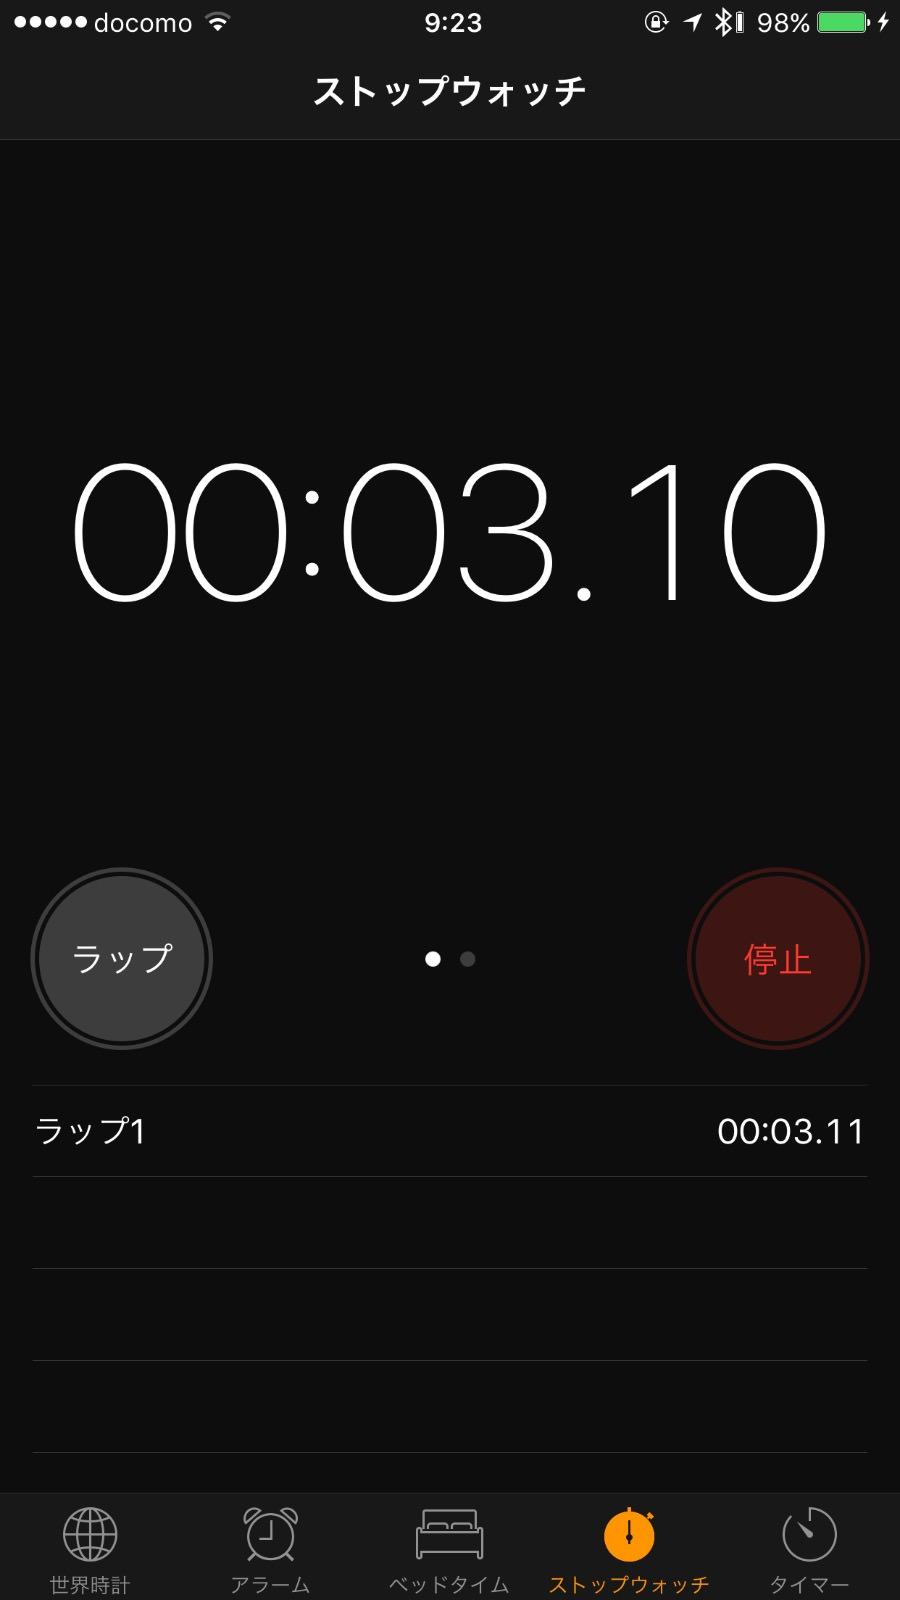 【iOS 10】ストップウォッチをデジタルからアナログに切り替えるとちょっとカッコいい